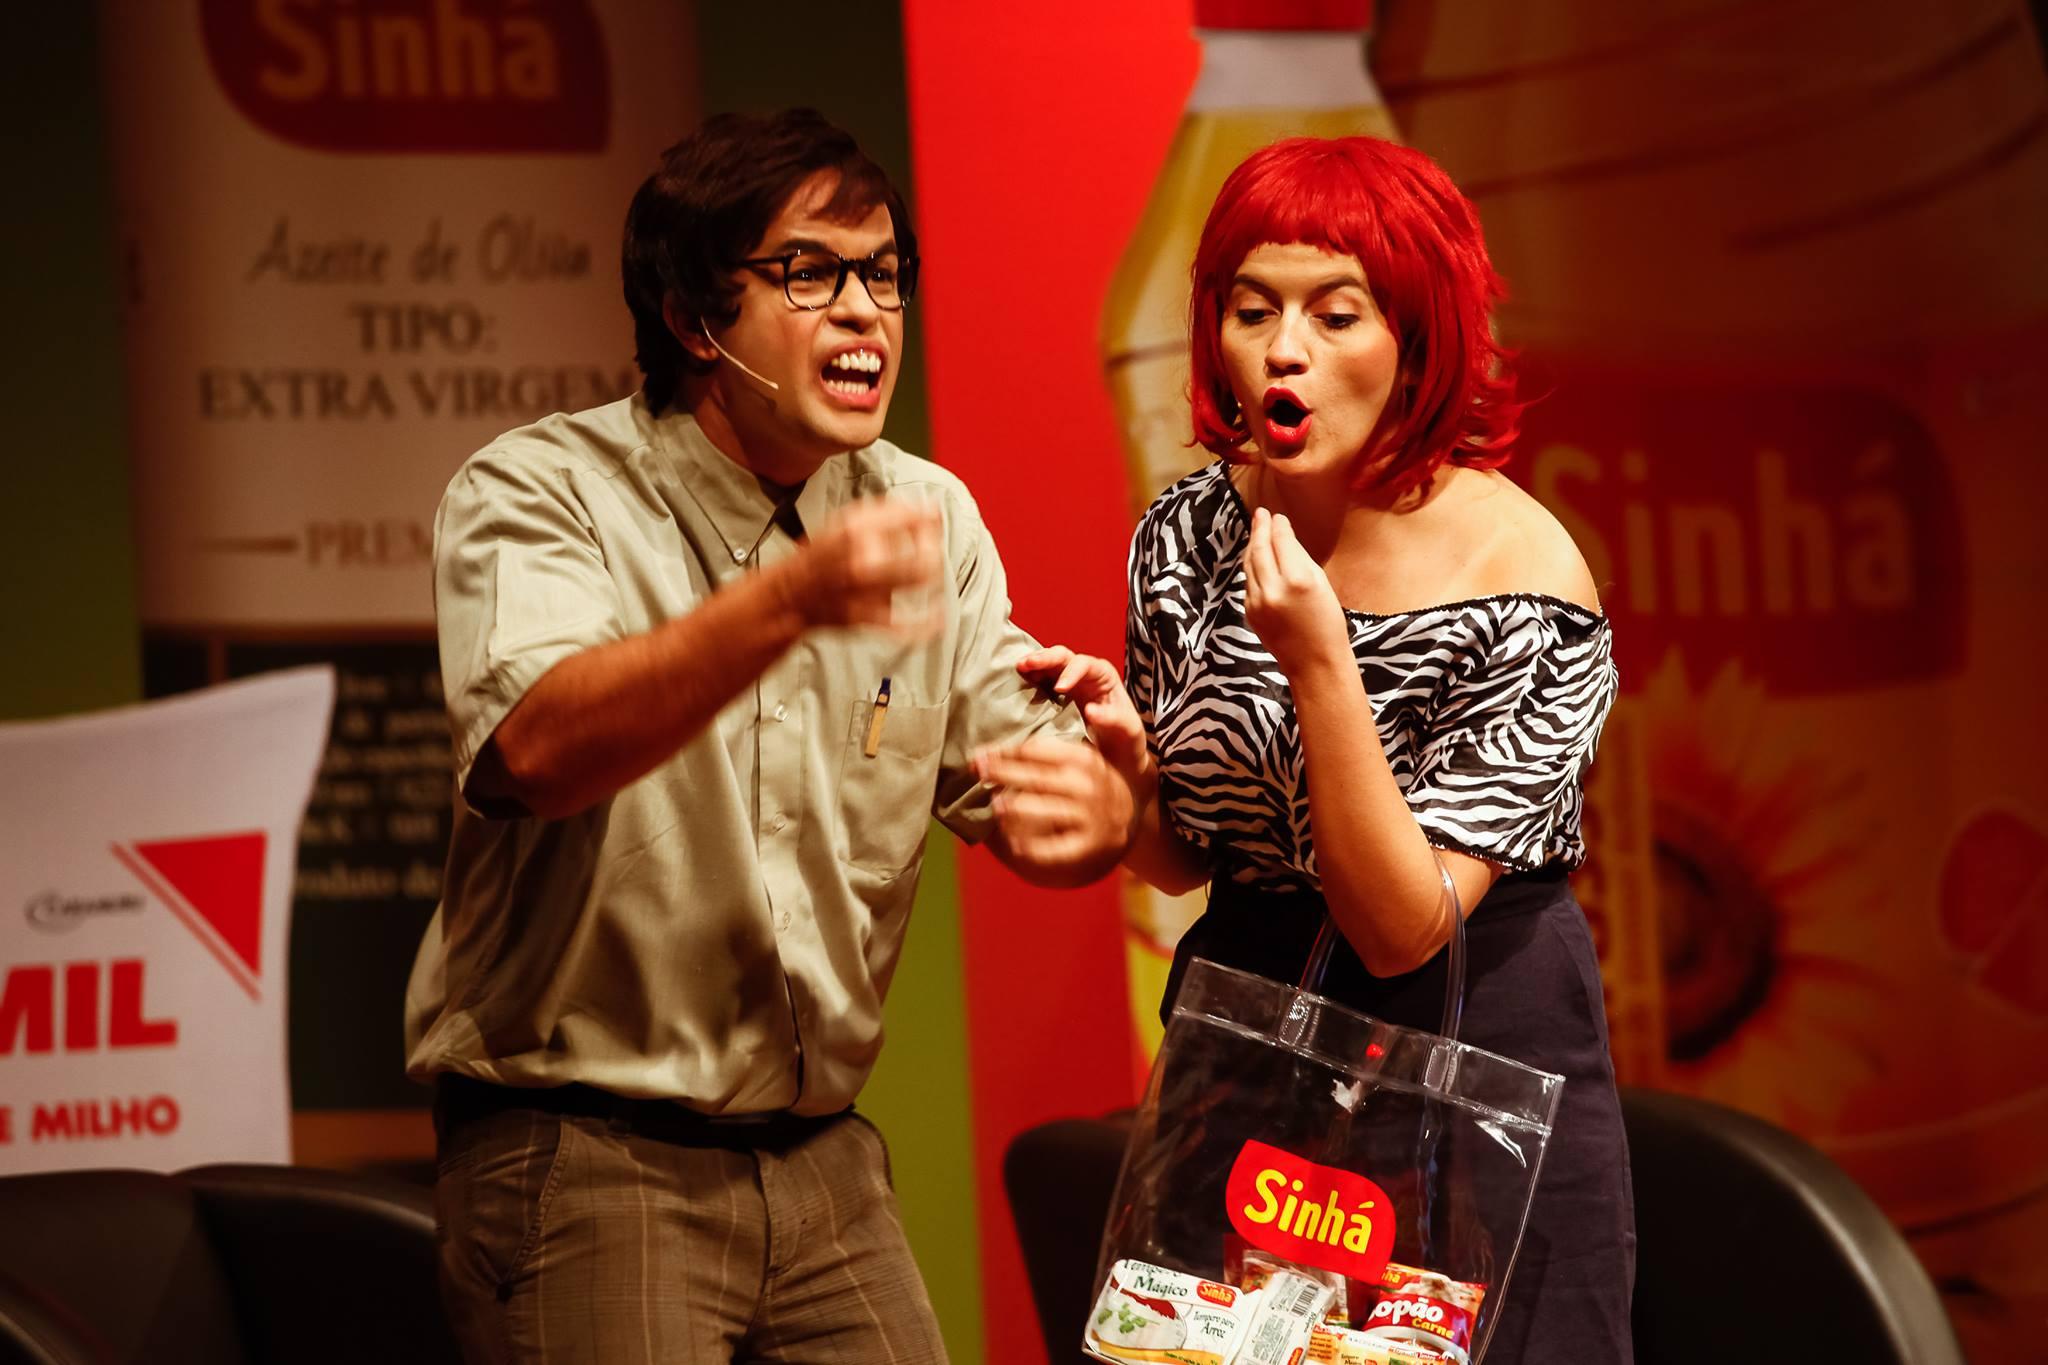 Sebastino e Dona Maricota